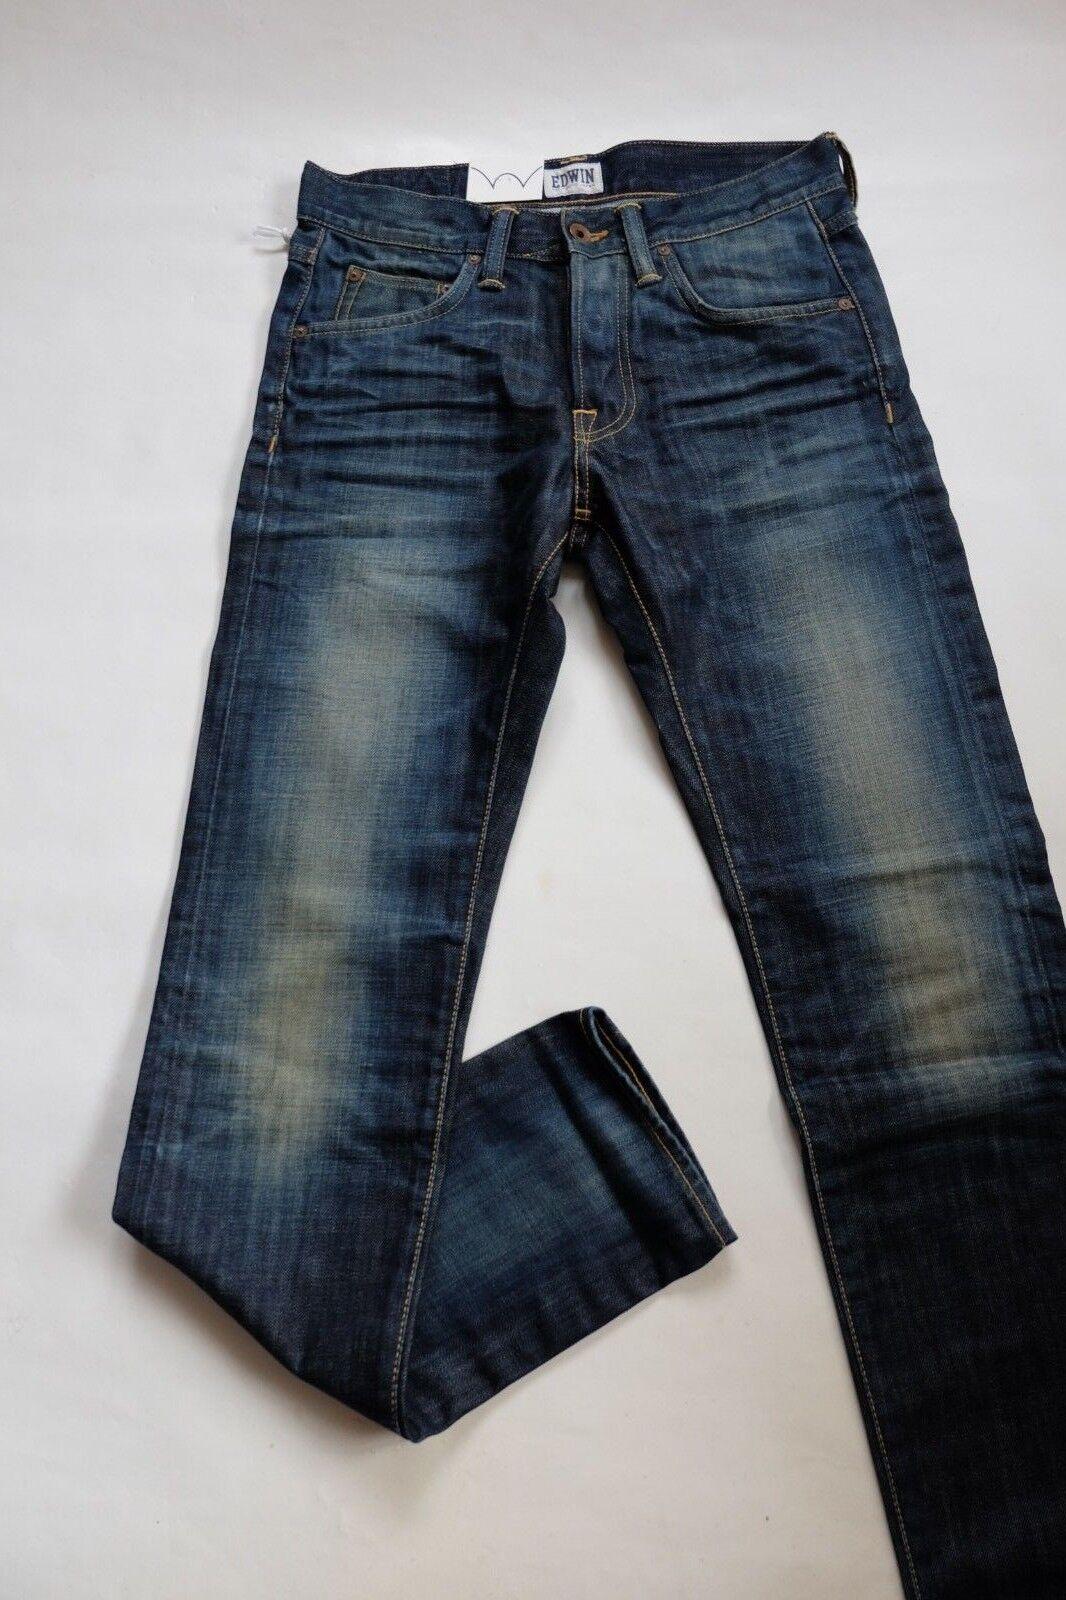 JEANS EDWIN ED 55 RELAXED (dark Blau -blau rodeo ) W30 L34 (i010538 455)     | Verschiedene Stile  | Spezielle Funktion  | Perfekte Verarbeitung